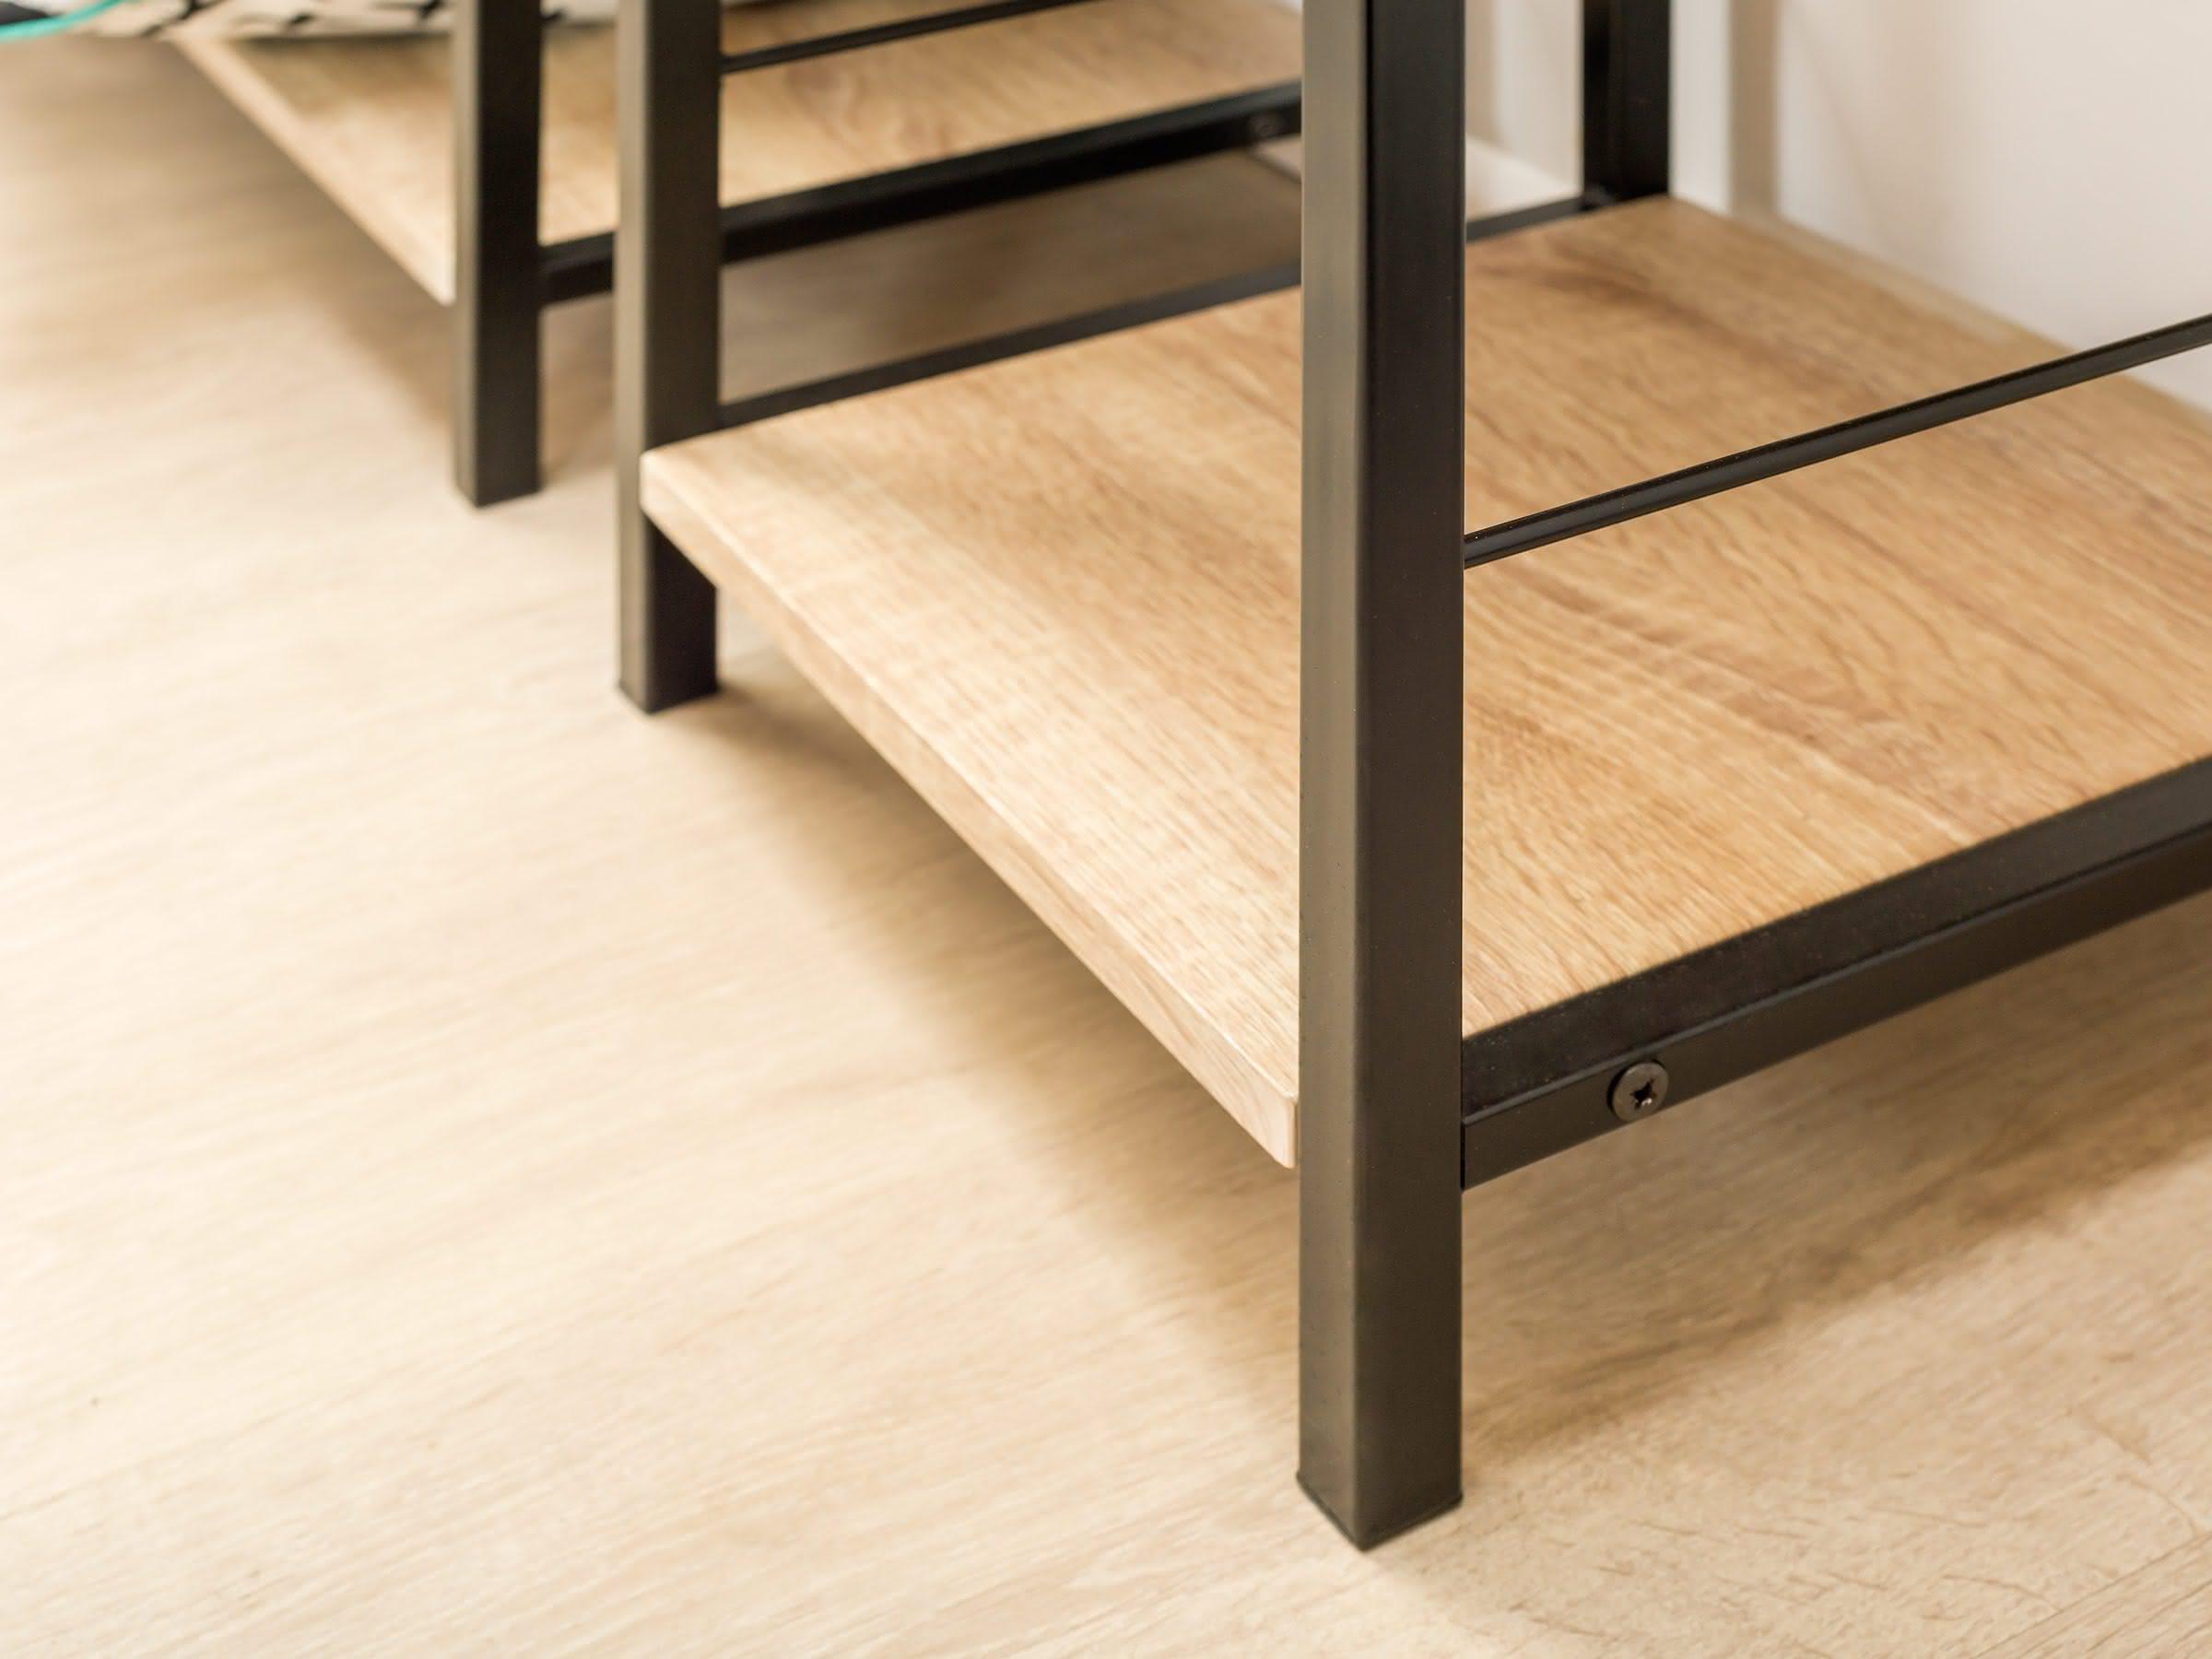 hardwood flooring nz of vigo shelves shelving units mocka nz with regard to vigo shelves 93 x